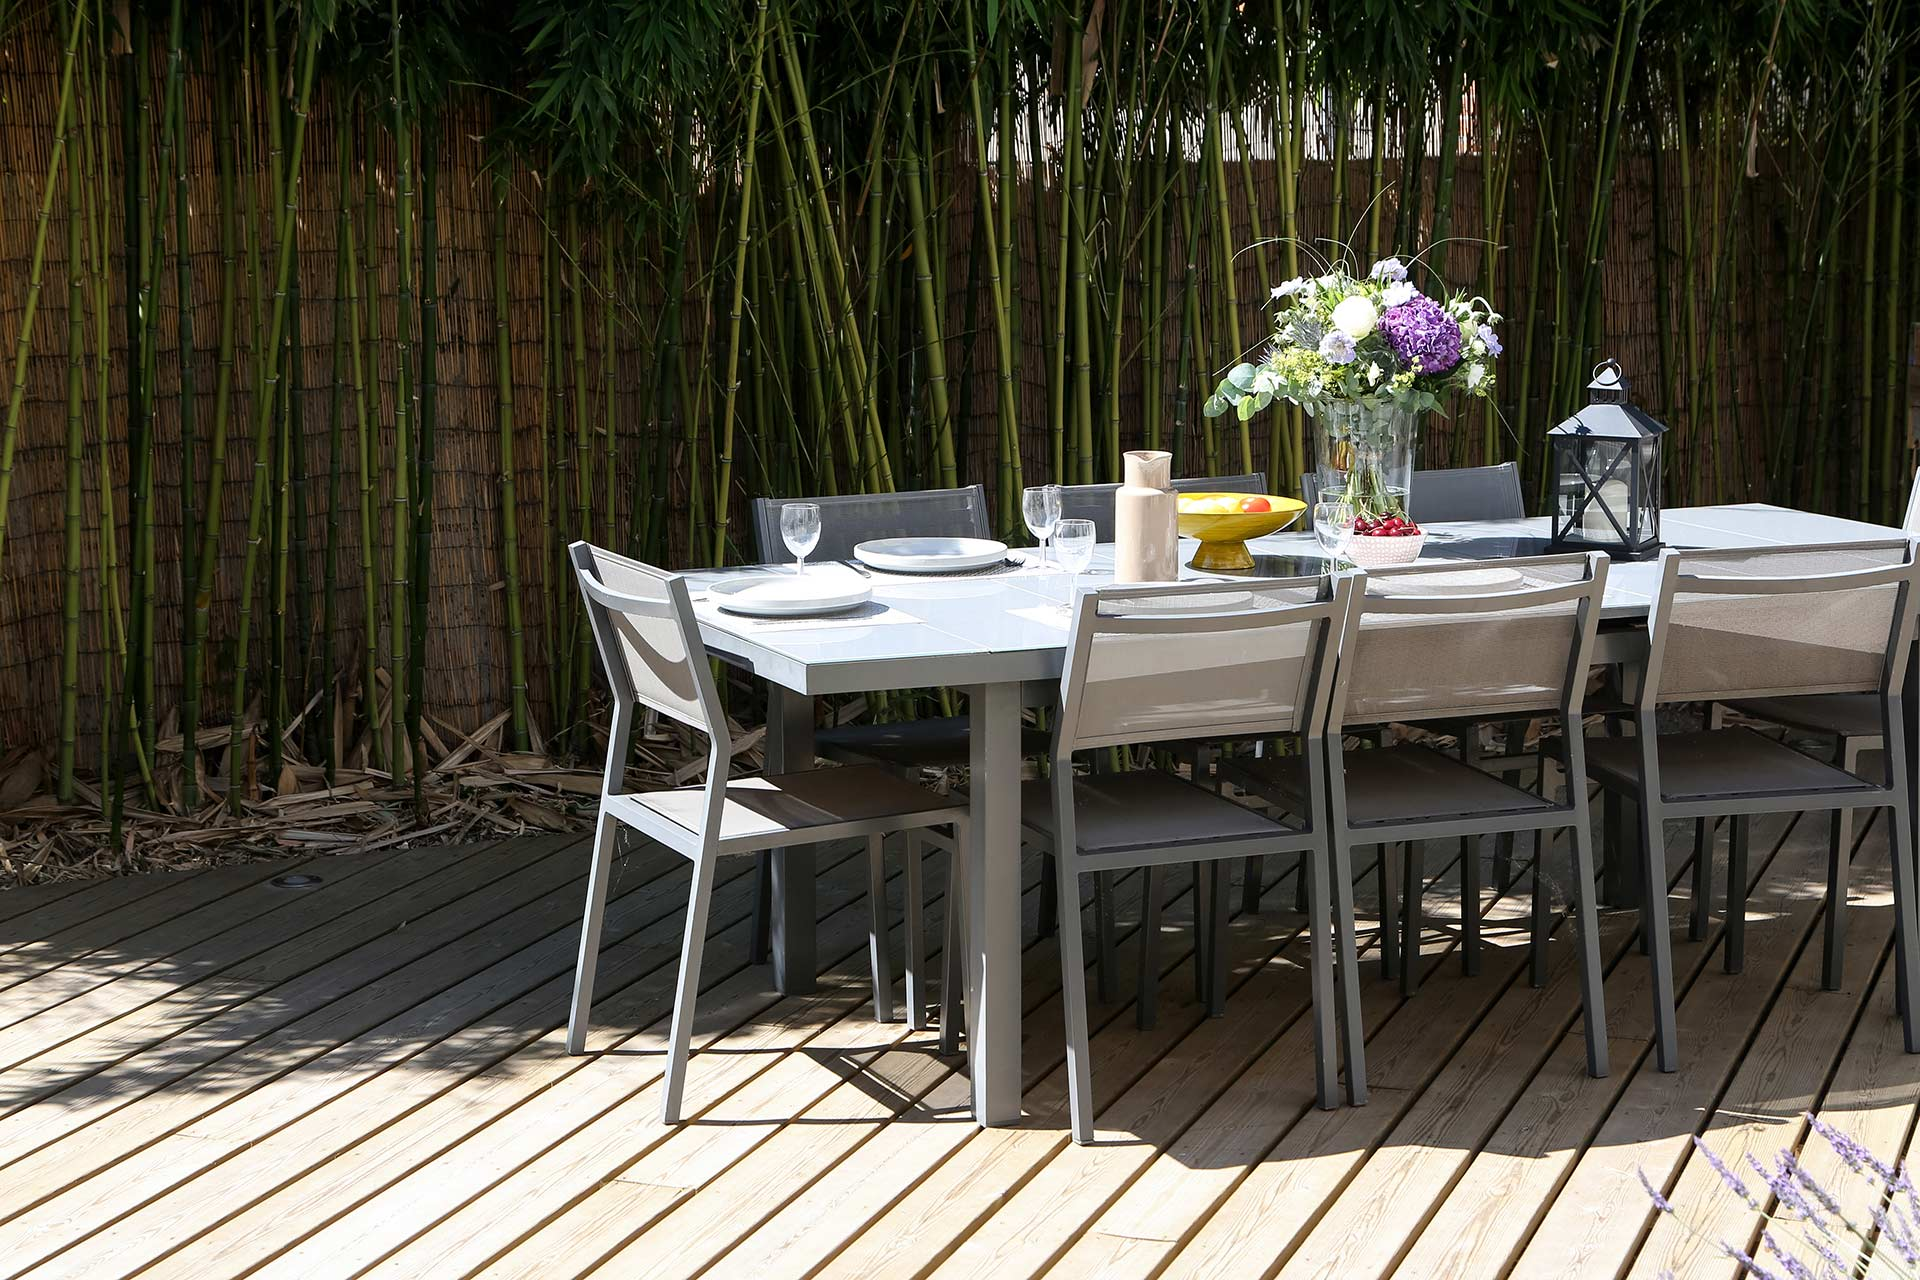 Entreprise du paysage, Serrault Jardins réalise des jardins sur-mesure dans diverses communes comme Montlouis-sur-Loire.